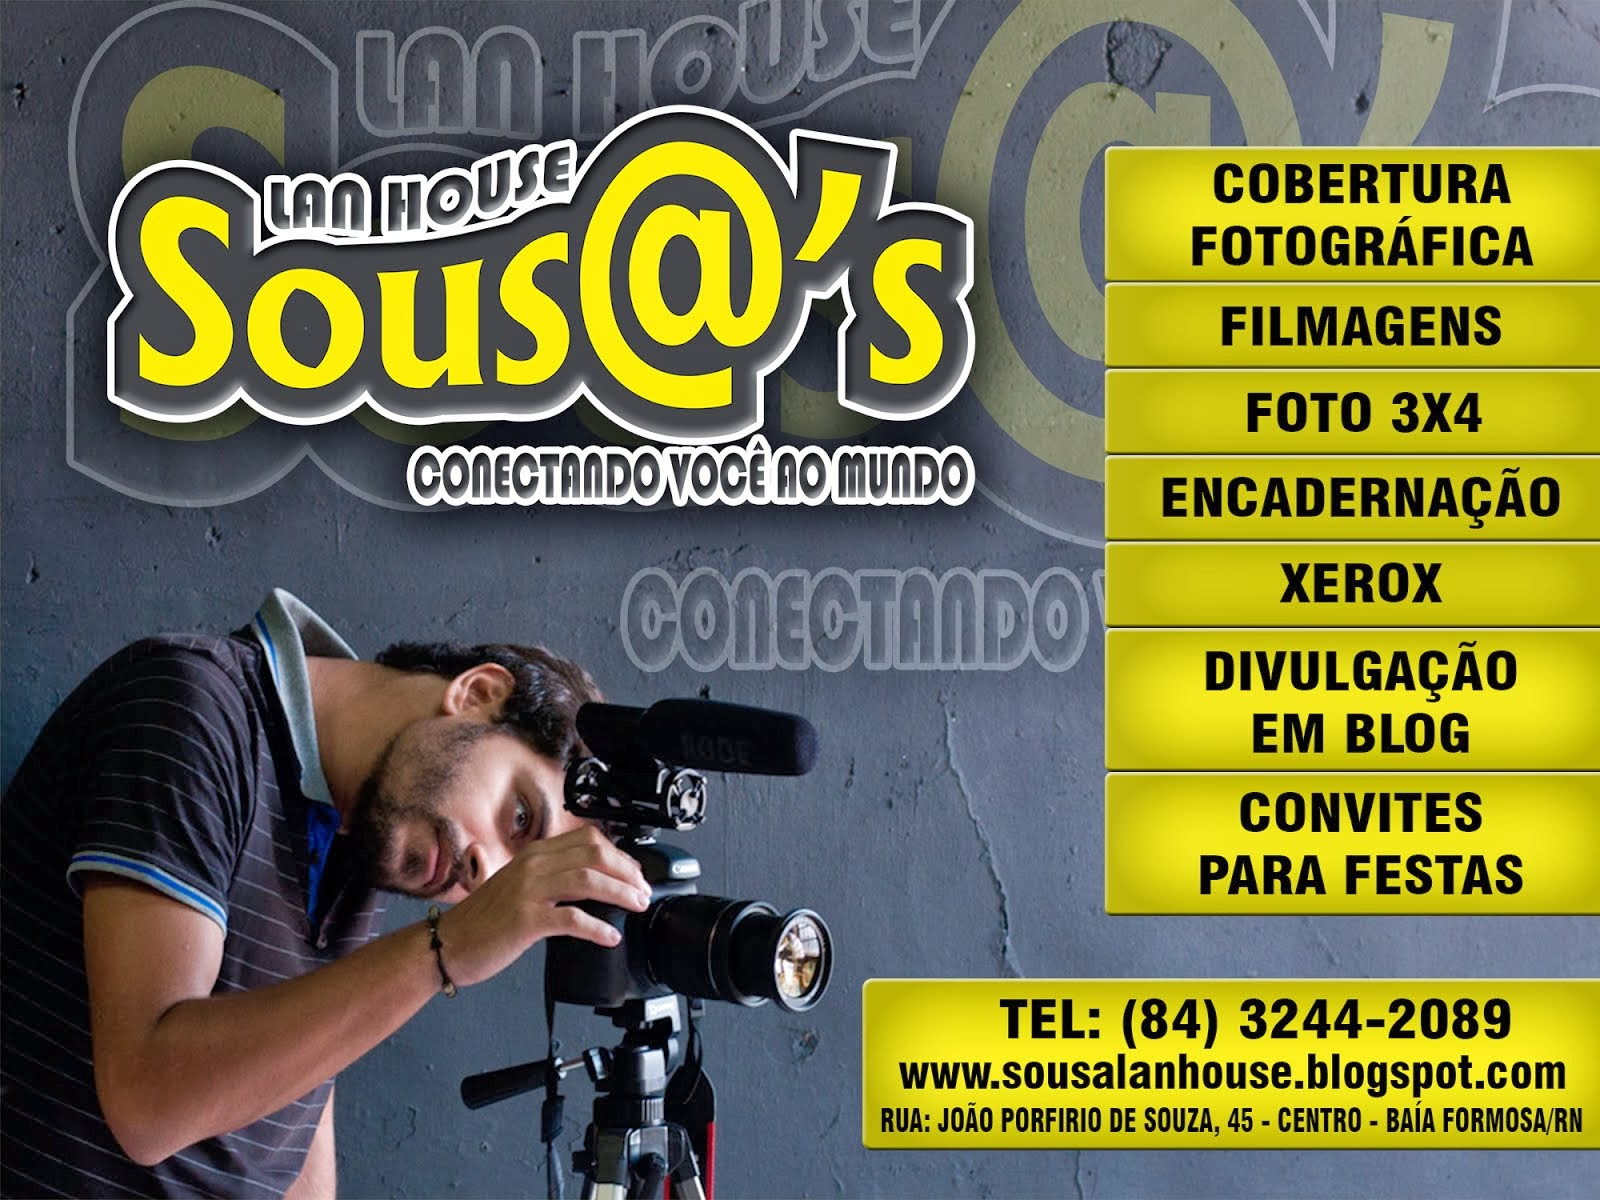 SERVIÇOS SOUS@'s LAN HOUSE